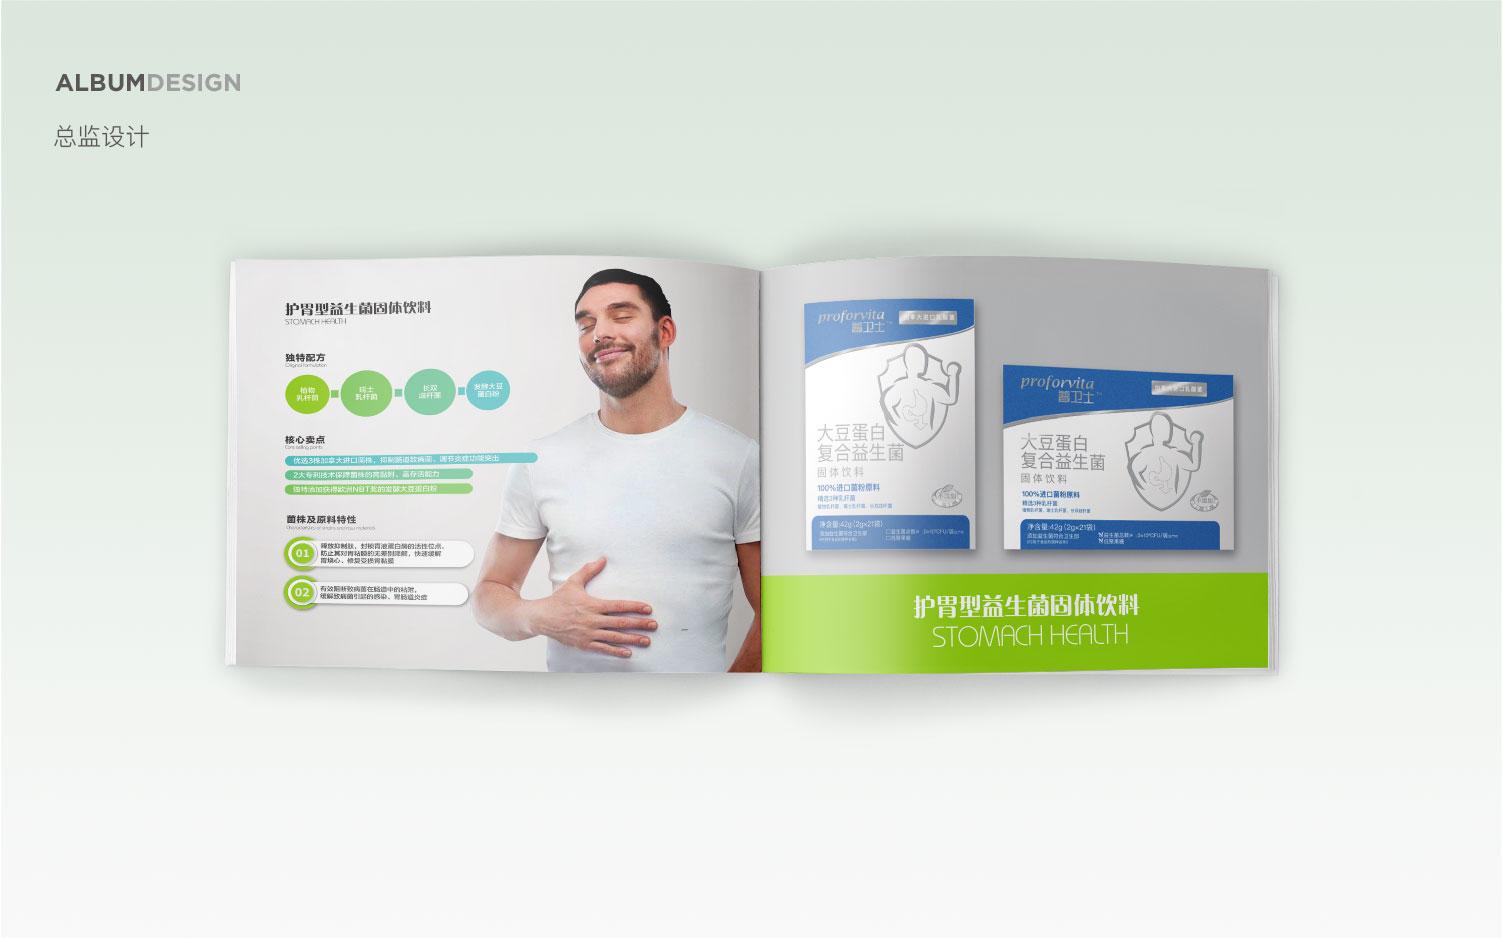 总监科技娱乐房产企业画册公司产品宣传册说明书品牌折页招商设计